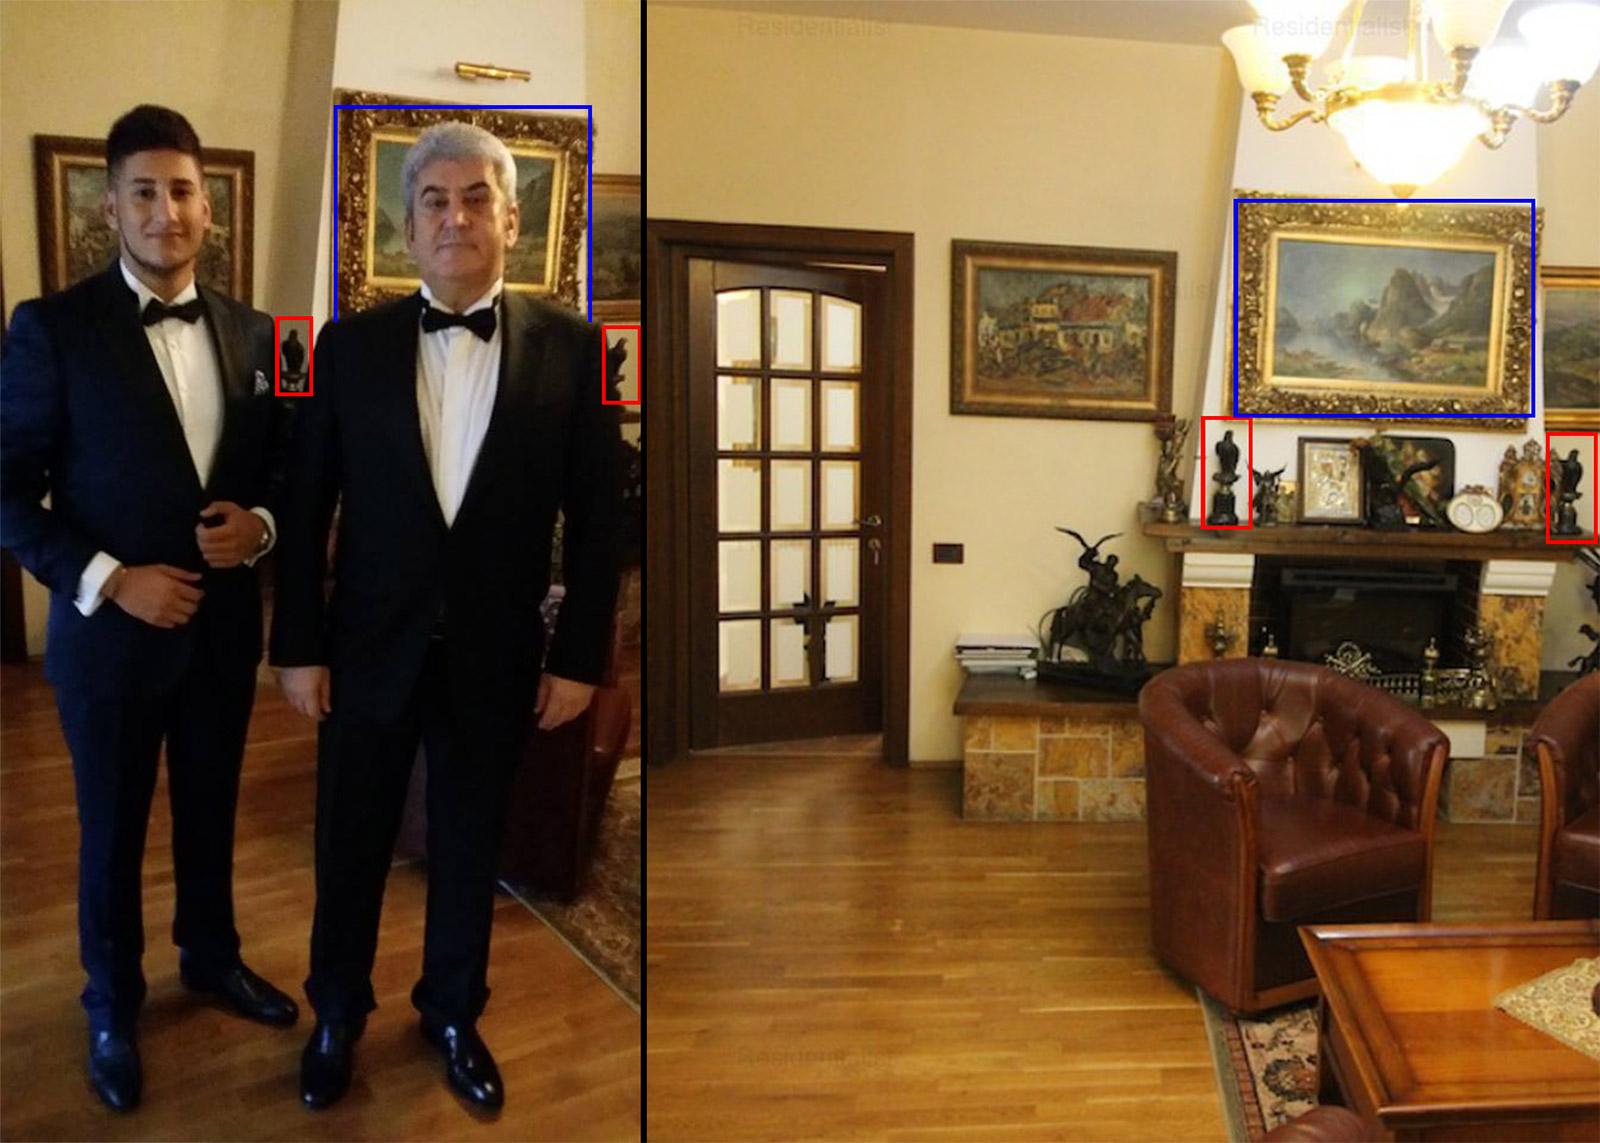 În imaginea din stânga îl regăsim pe Gabriel Oprea Junior alături de tatăl lui (imaginea se găsește pe mai multe platforme de știri). Fotografia din dreapta este una dintre imaginile postate pe site-urile de imobiliare pentru vânzarea vilei și se pot observa aceleași statuete și tablouri ca în prima.